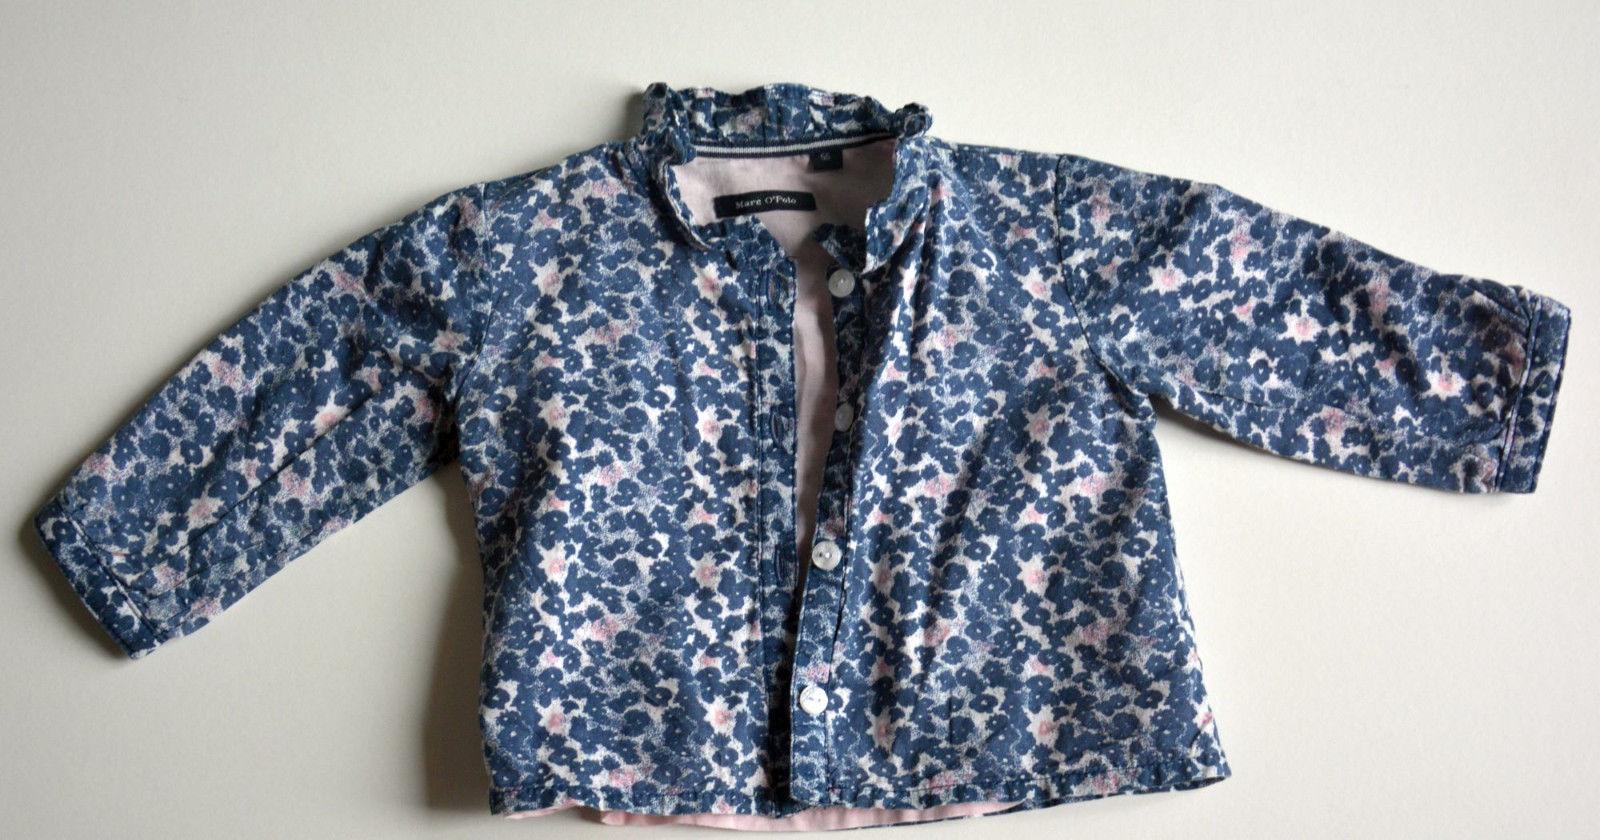 72cd3510e86e2f Tolle Baby Bluse von Marc O'Polo Größe 56 newborn Hingucker | eBay